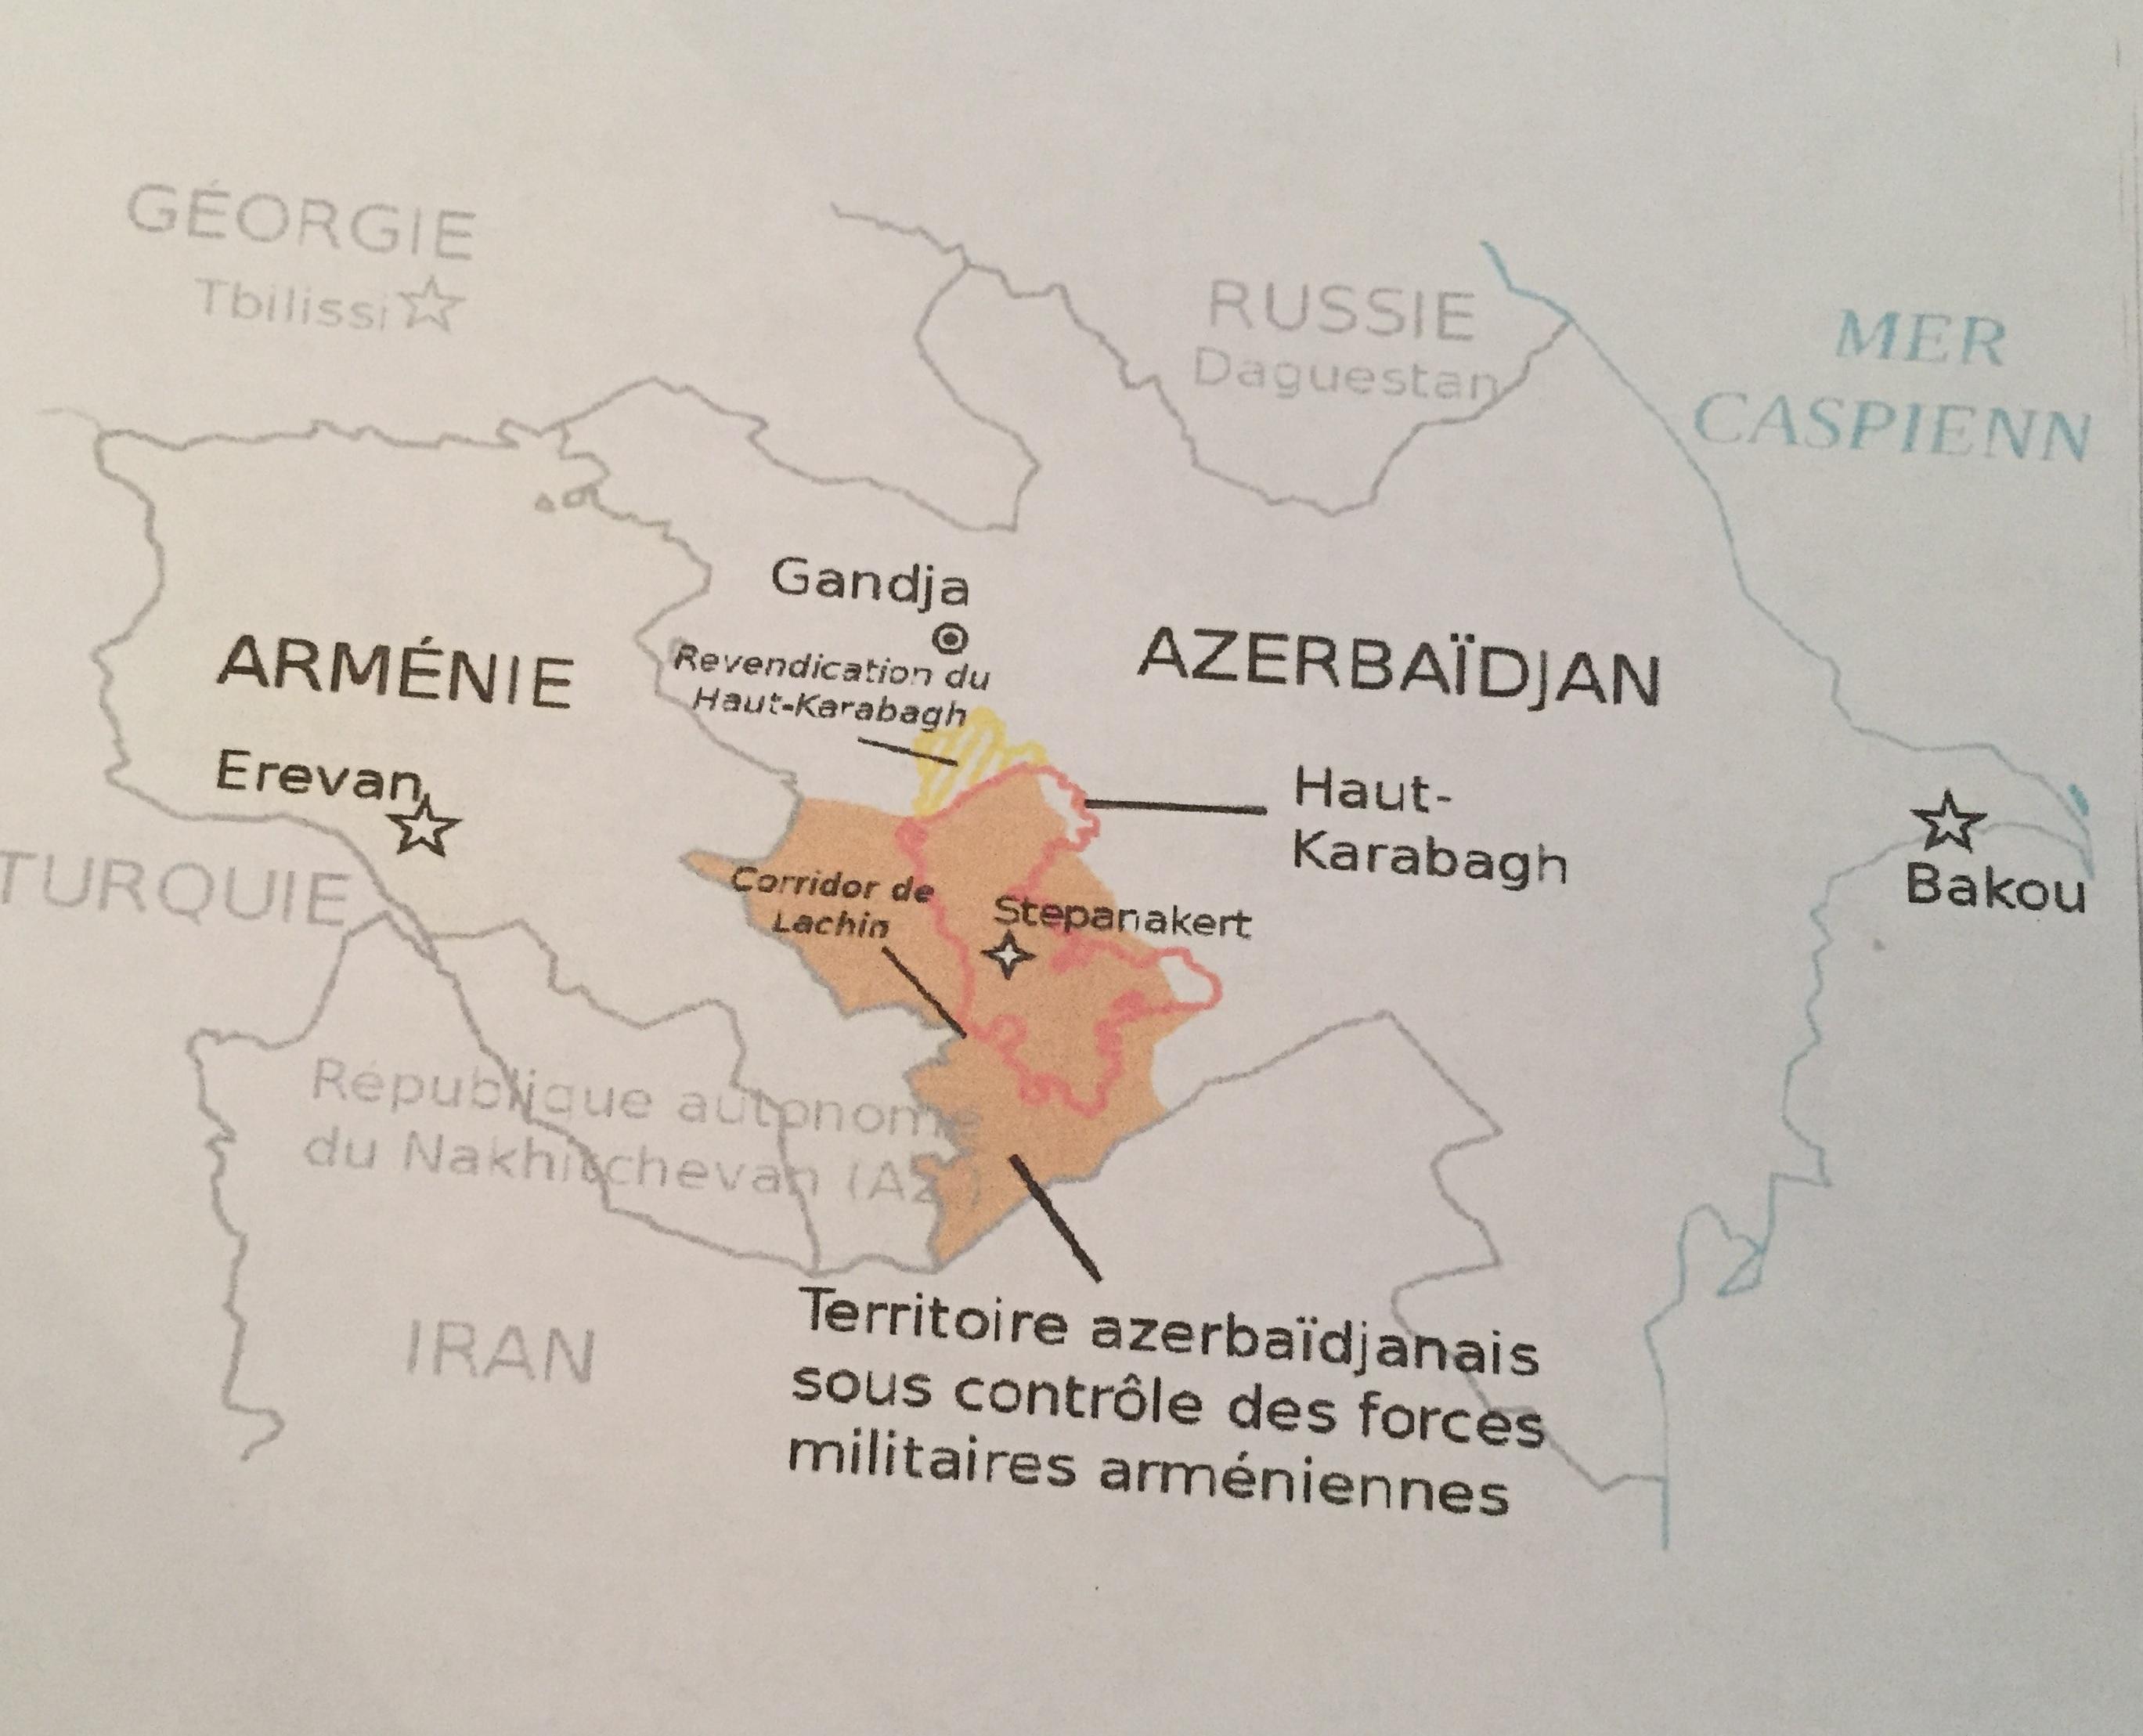 L'Arménie, théâtre d'une guerre qui a fait déjà de très nombreuses victimes